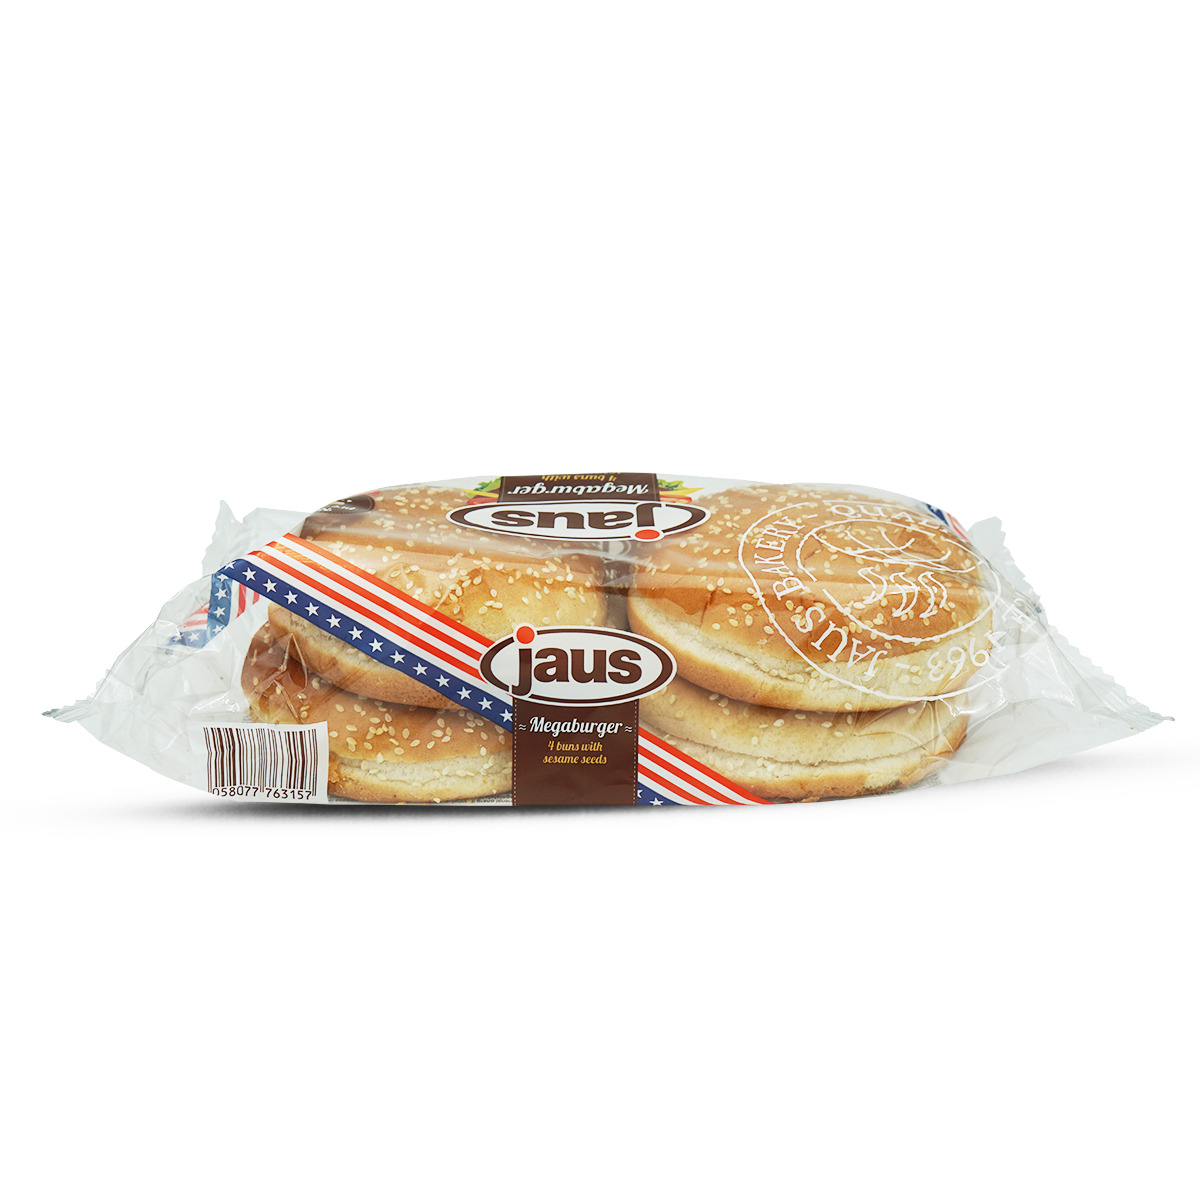 Jaus Sesam Megaburger Bun 4 Stk.